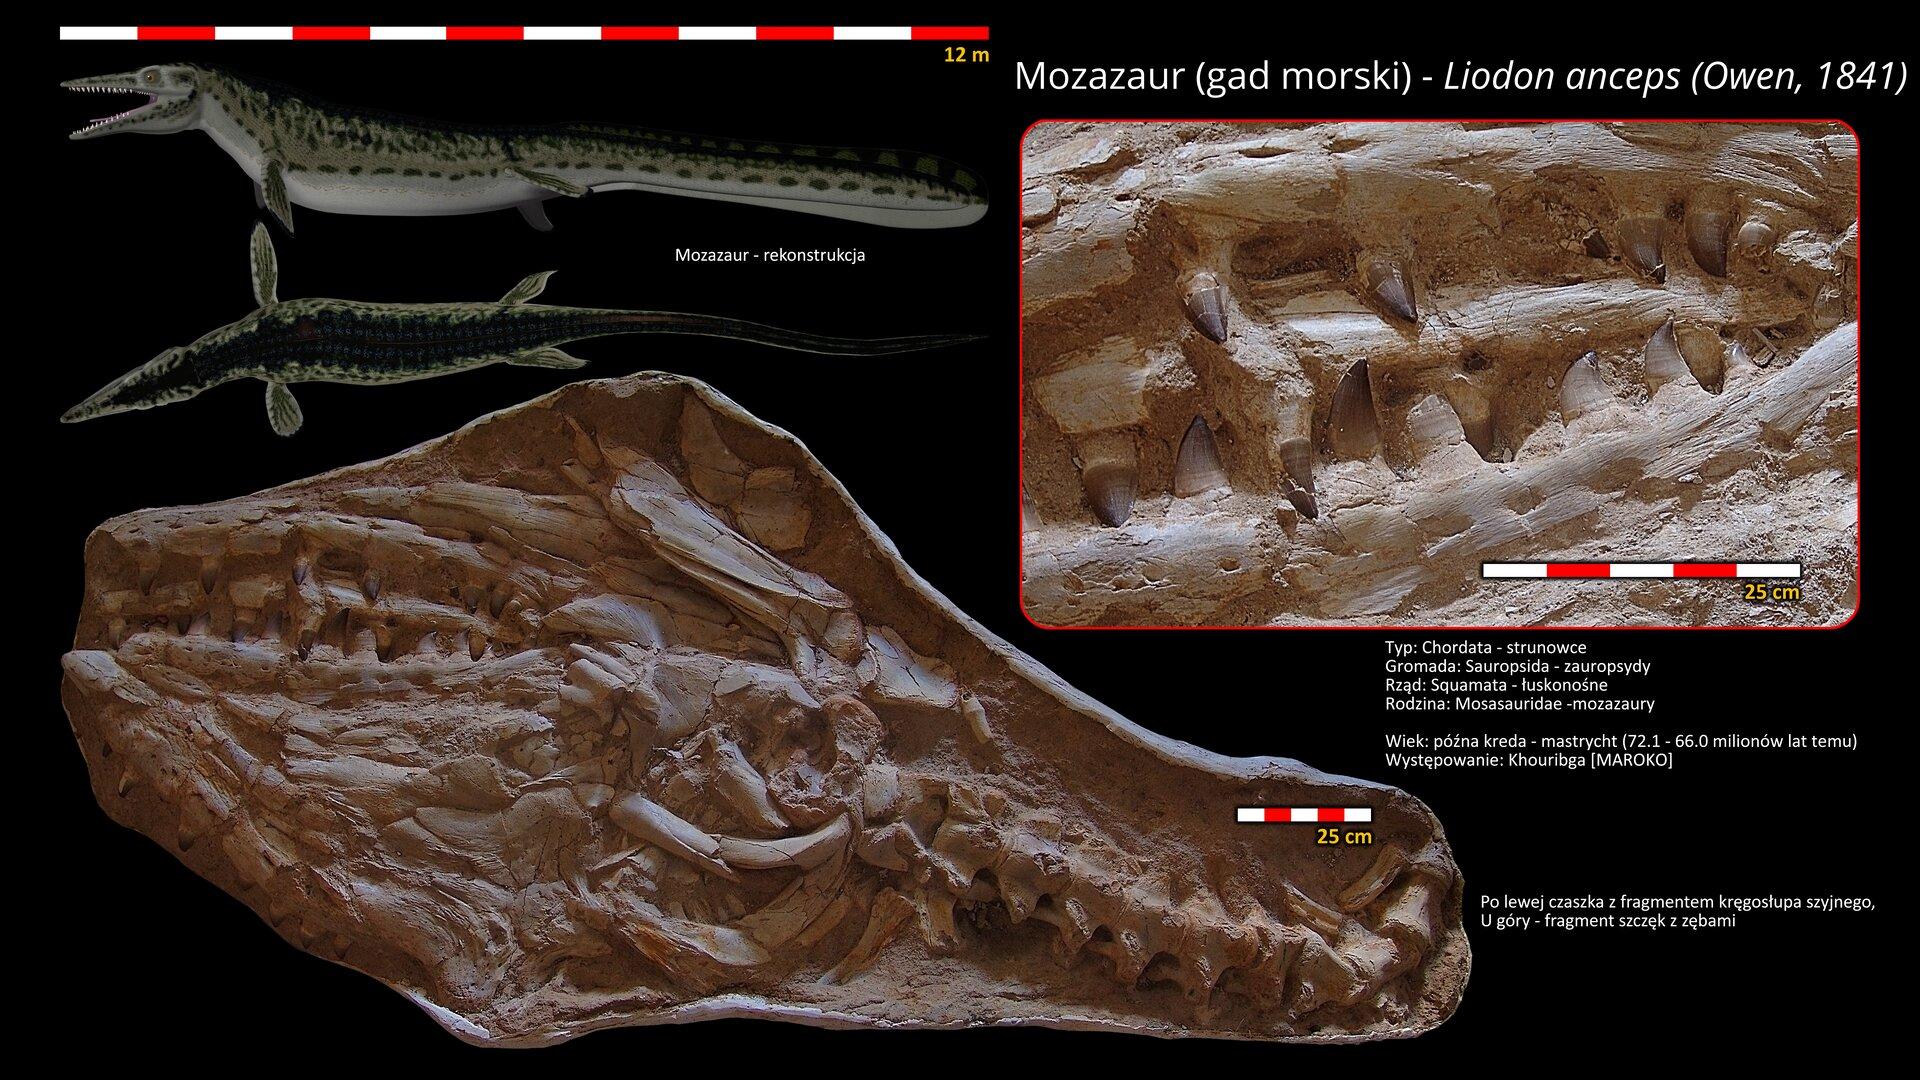 Naukowcy wykorzystują datowanie względne, aby określić bezwzględny wiek skały w latach